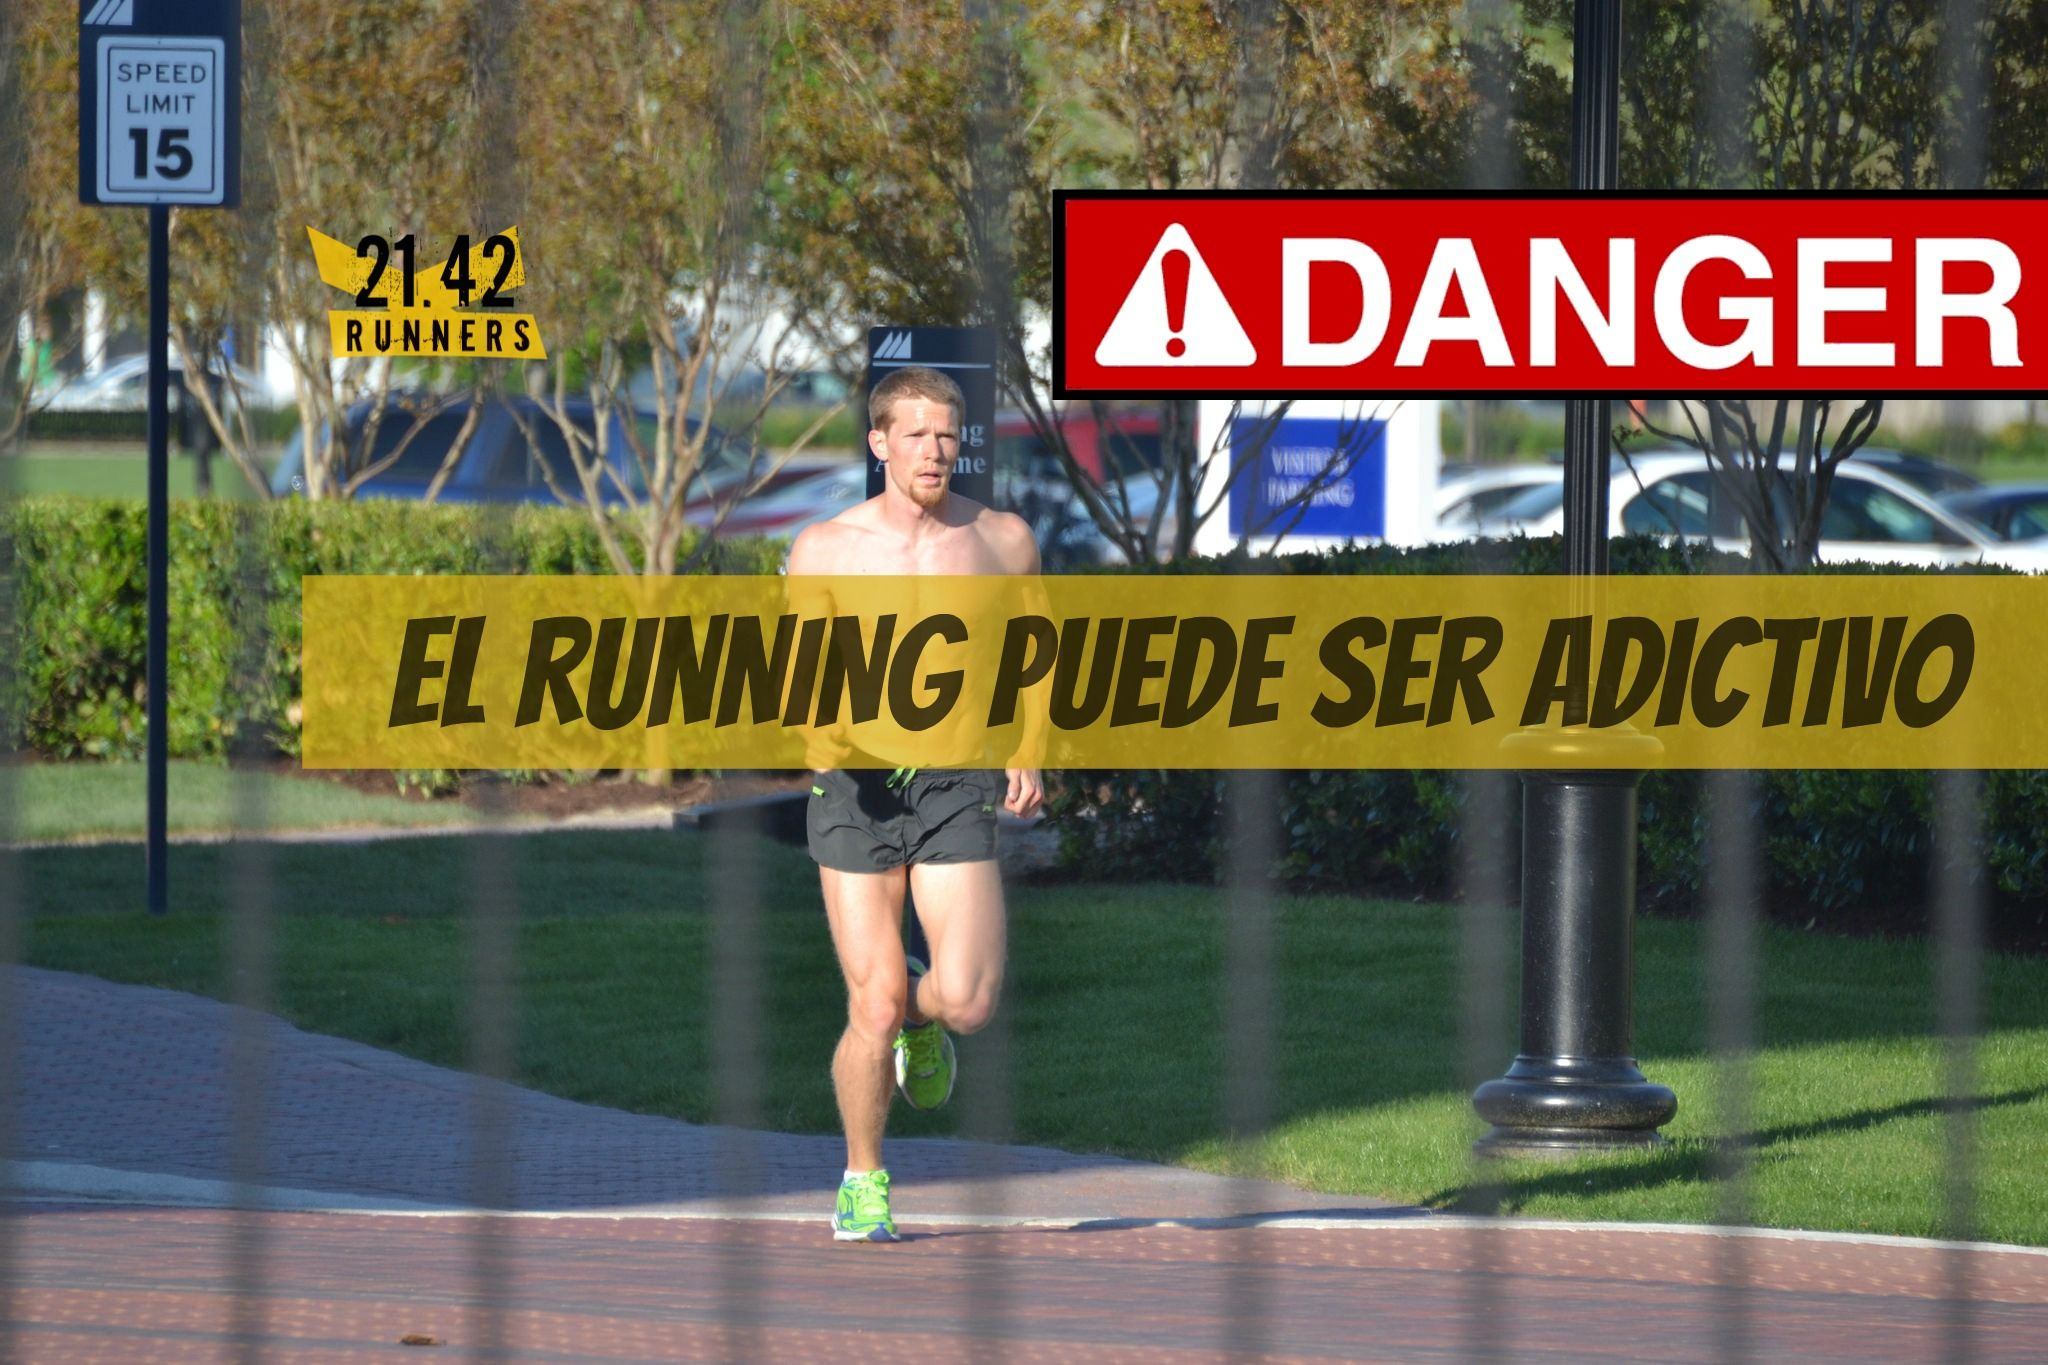 EL RUNNING PUEDE SER ADICTIVO